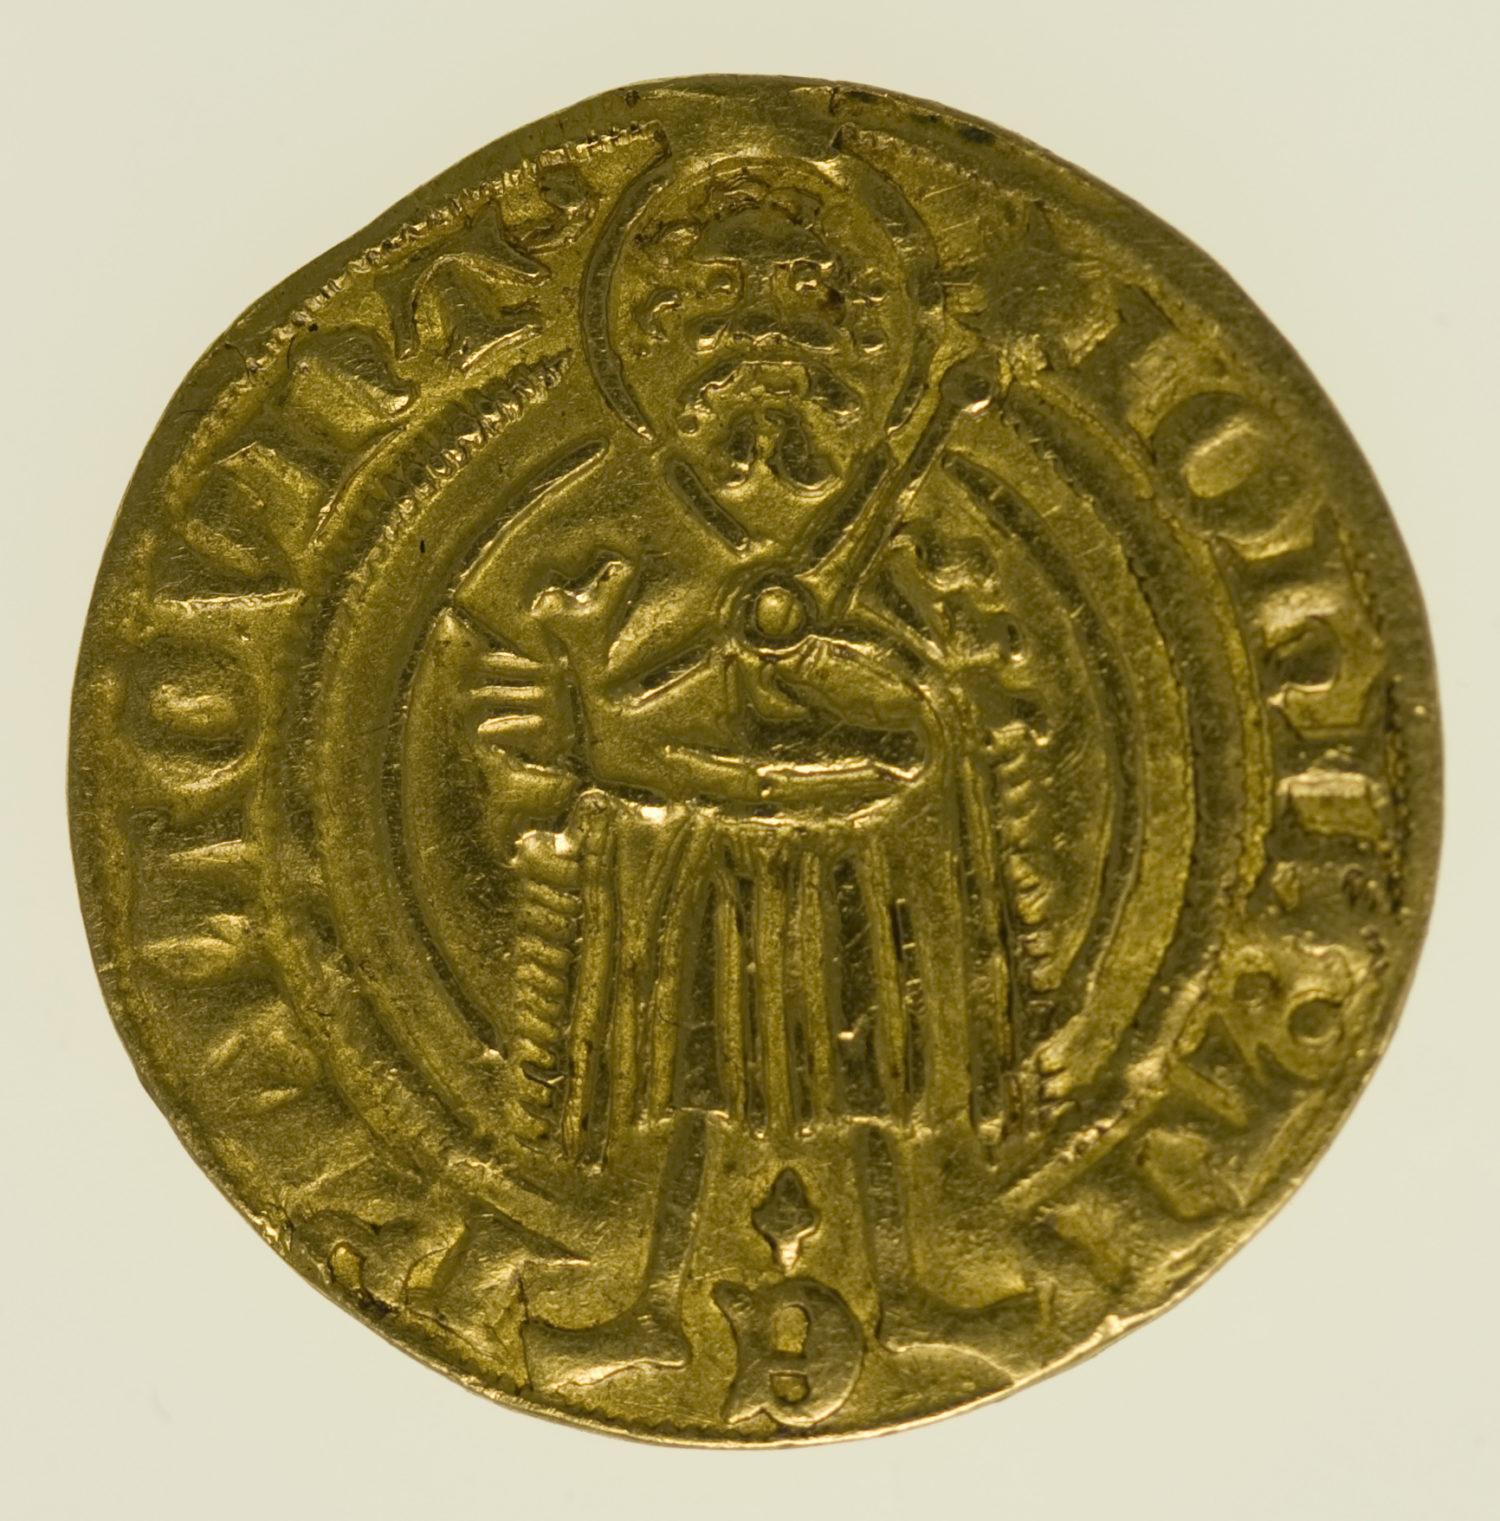 altdeutschland - Mainz Johann II. Goldgulden o.J.